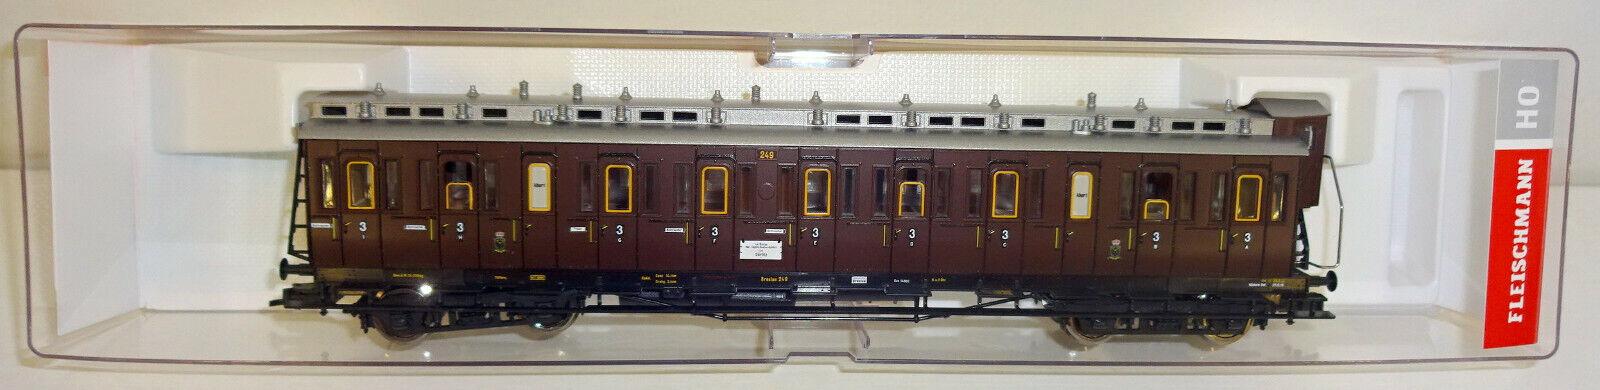 Fleischuomon h0 568604 compartimento autorello tipo cc 3. classee dei K.P. e.V.  NUOVO  OVP